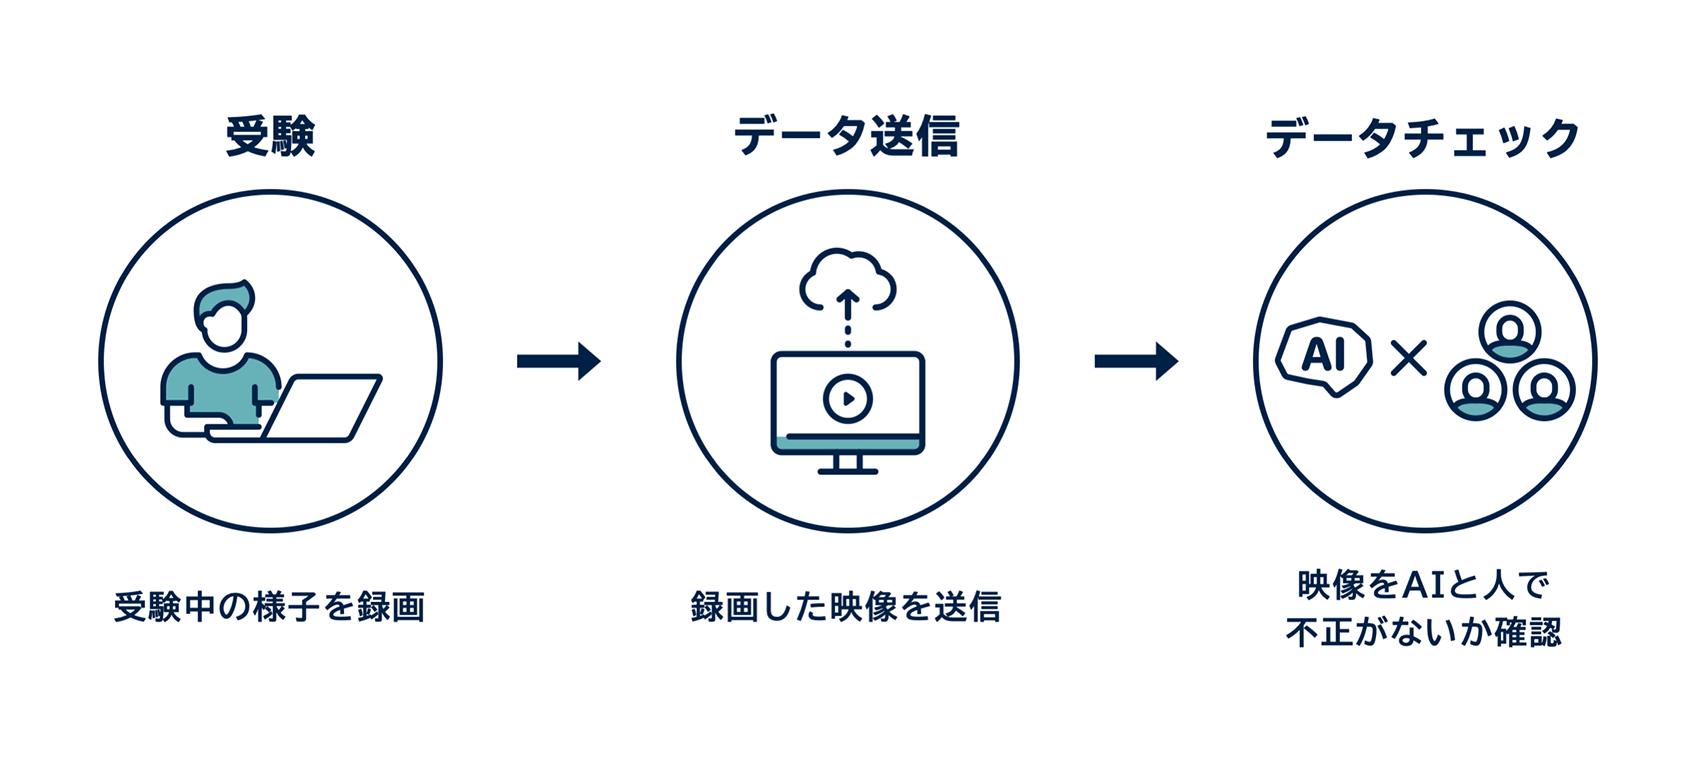 ■AIの活用によって時間とコストの削減も可能に|人工知能を搭載した製品・サービスの比較一覧・導入活用事例・資料請求が無料でできるAIポータルメディア